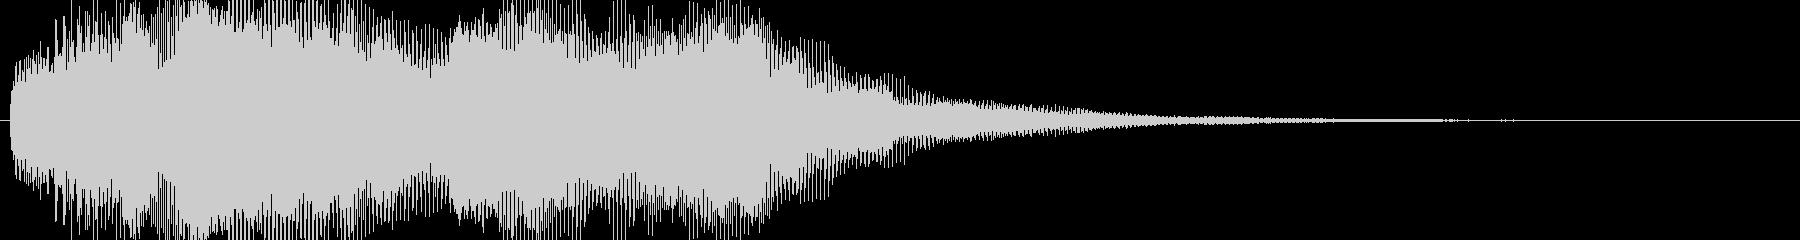 微かに聞こえる叫び声 ホラーの未再生の波形